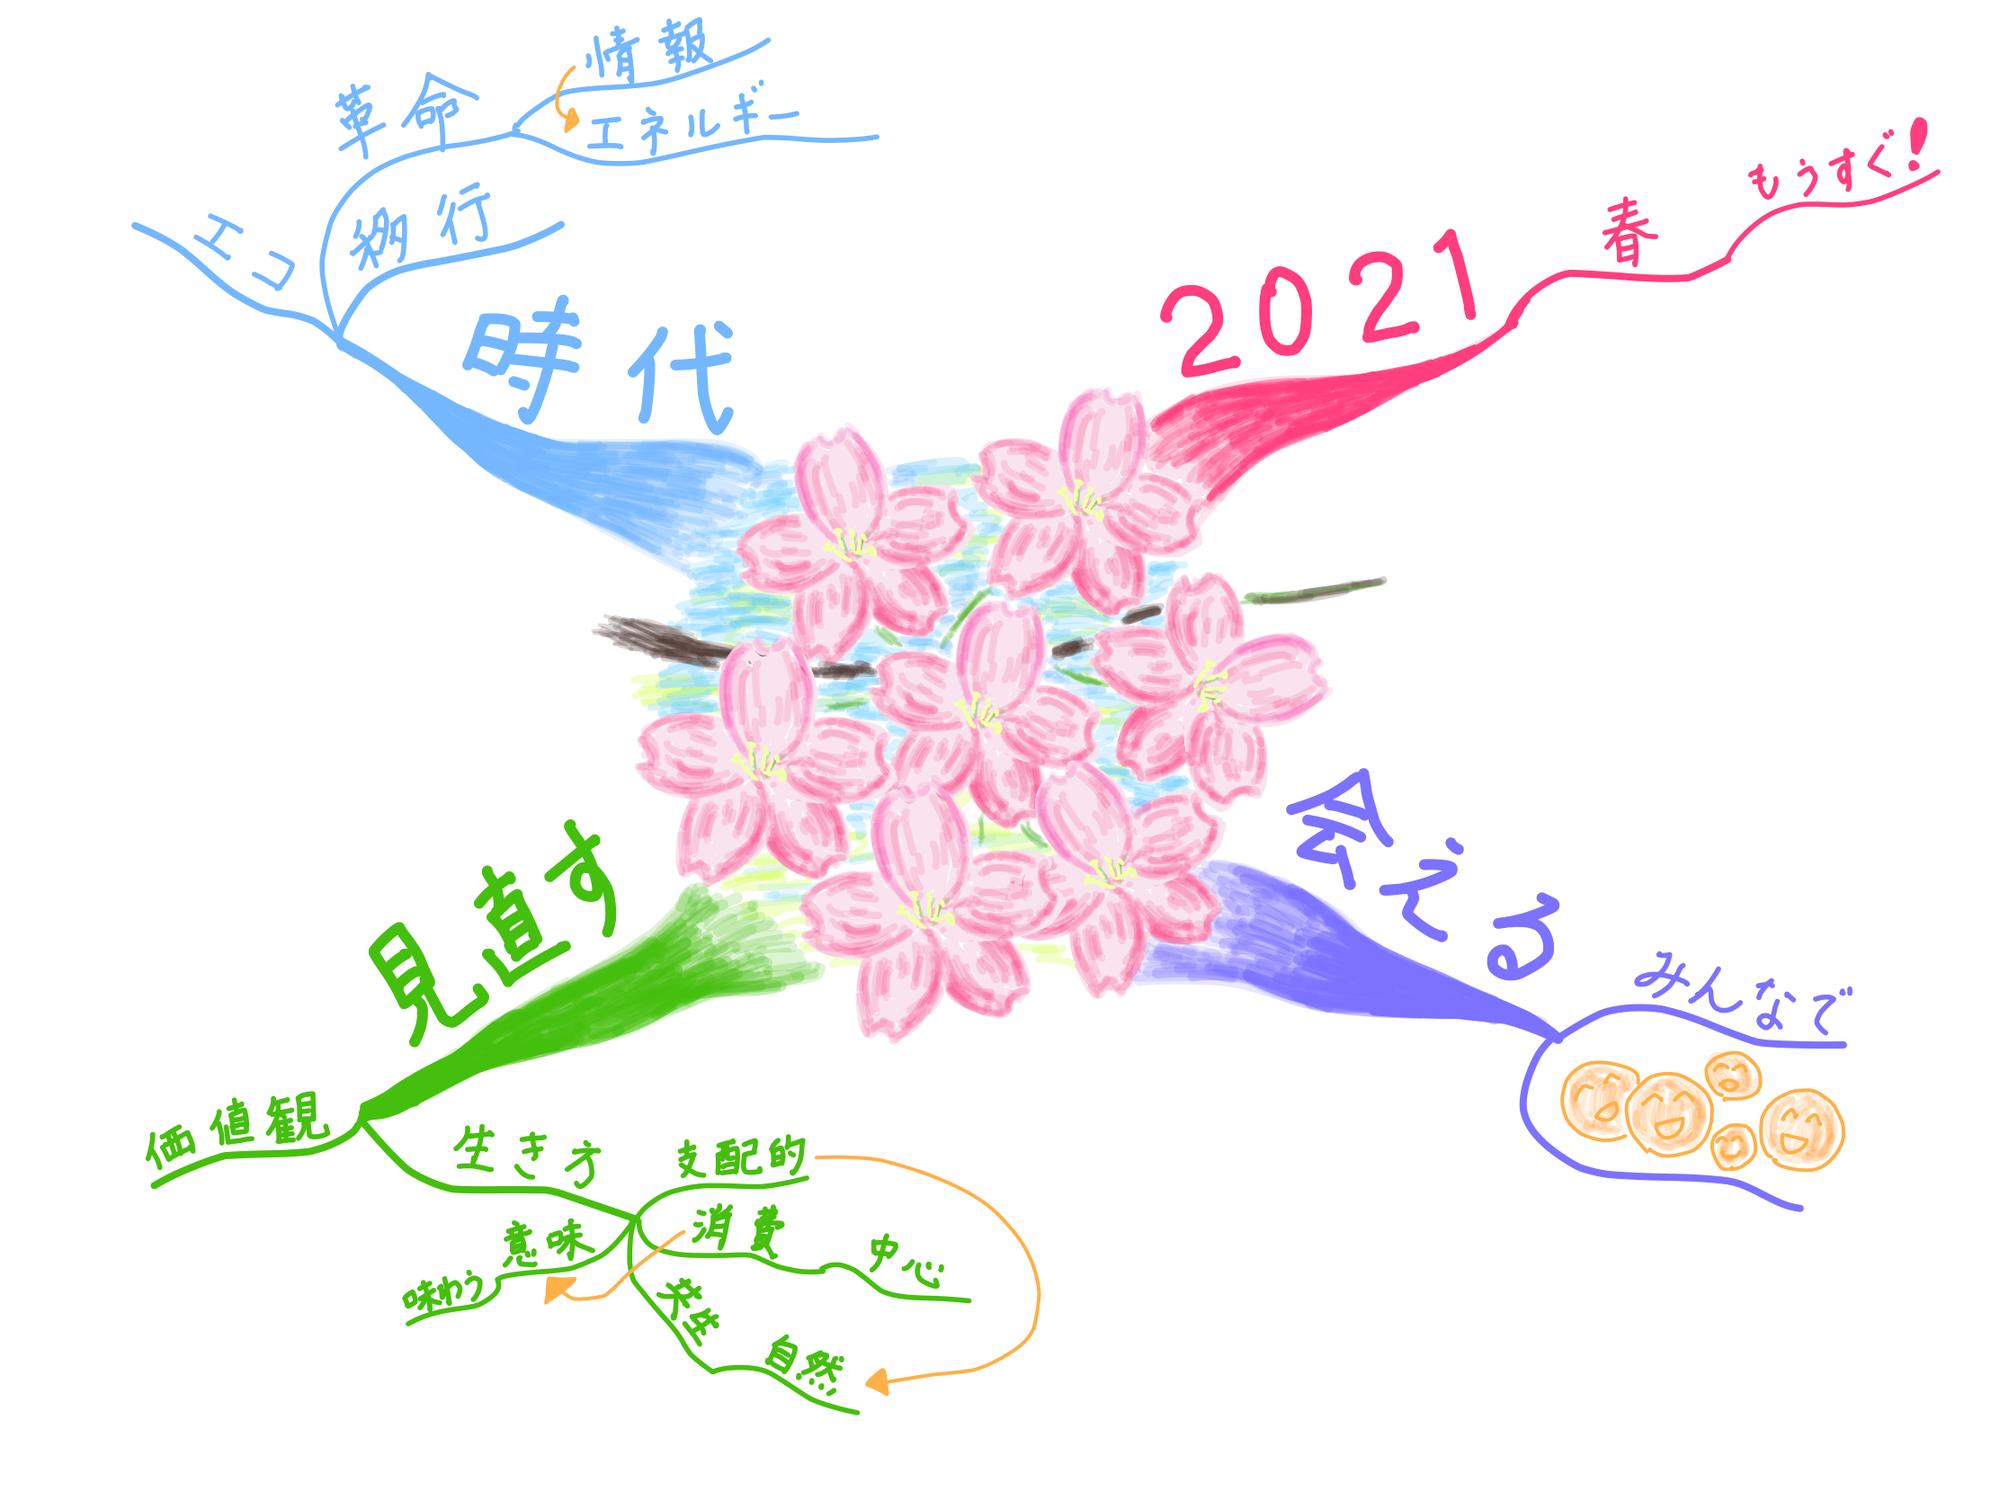 2021年をマインドマップで共に生きる!